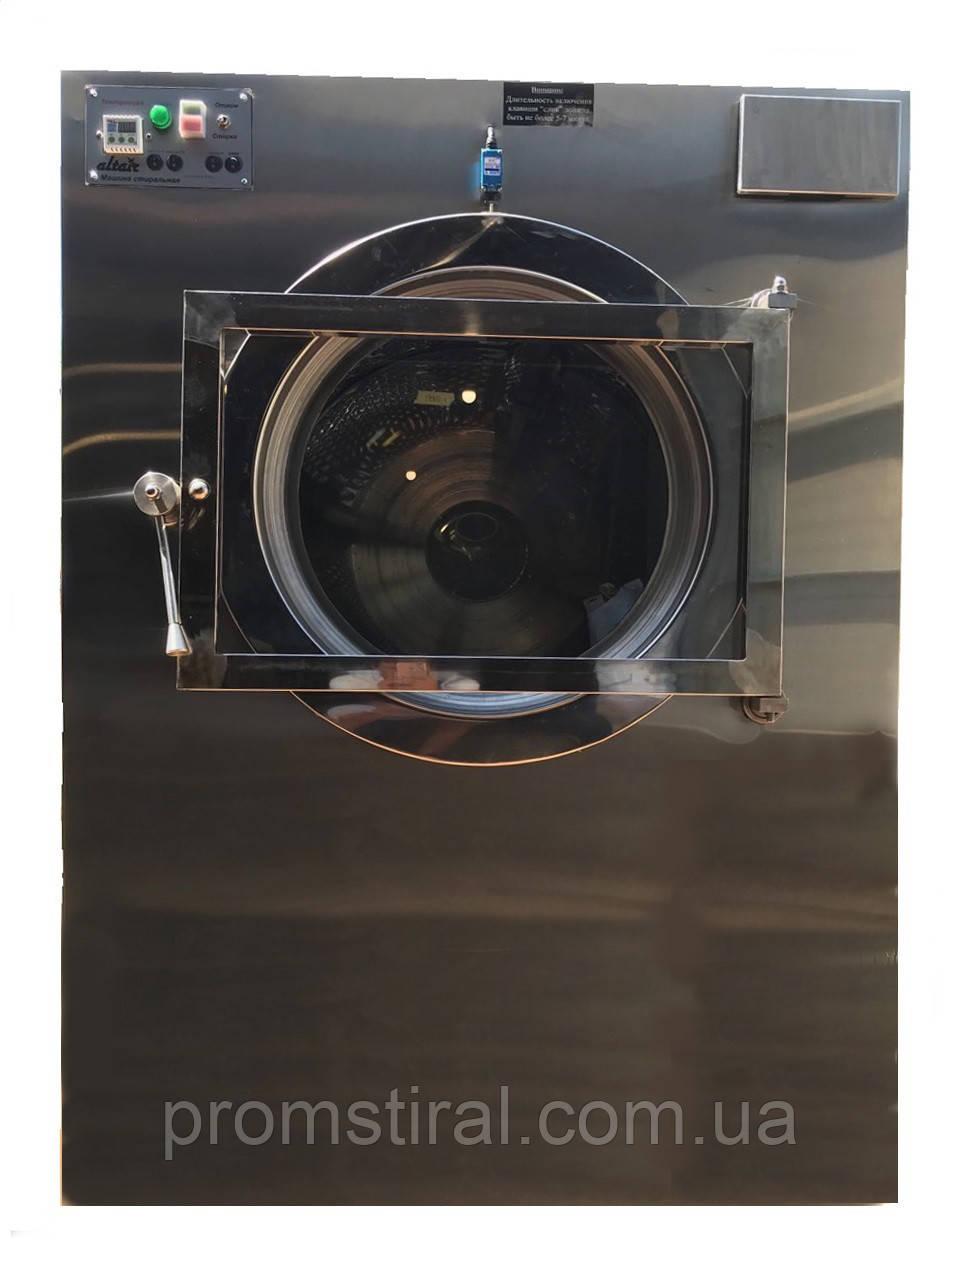 Промышленная стиральная машина СМ-А-50ЭО (н/ж, с отжимом, электрическим видом обогрева)